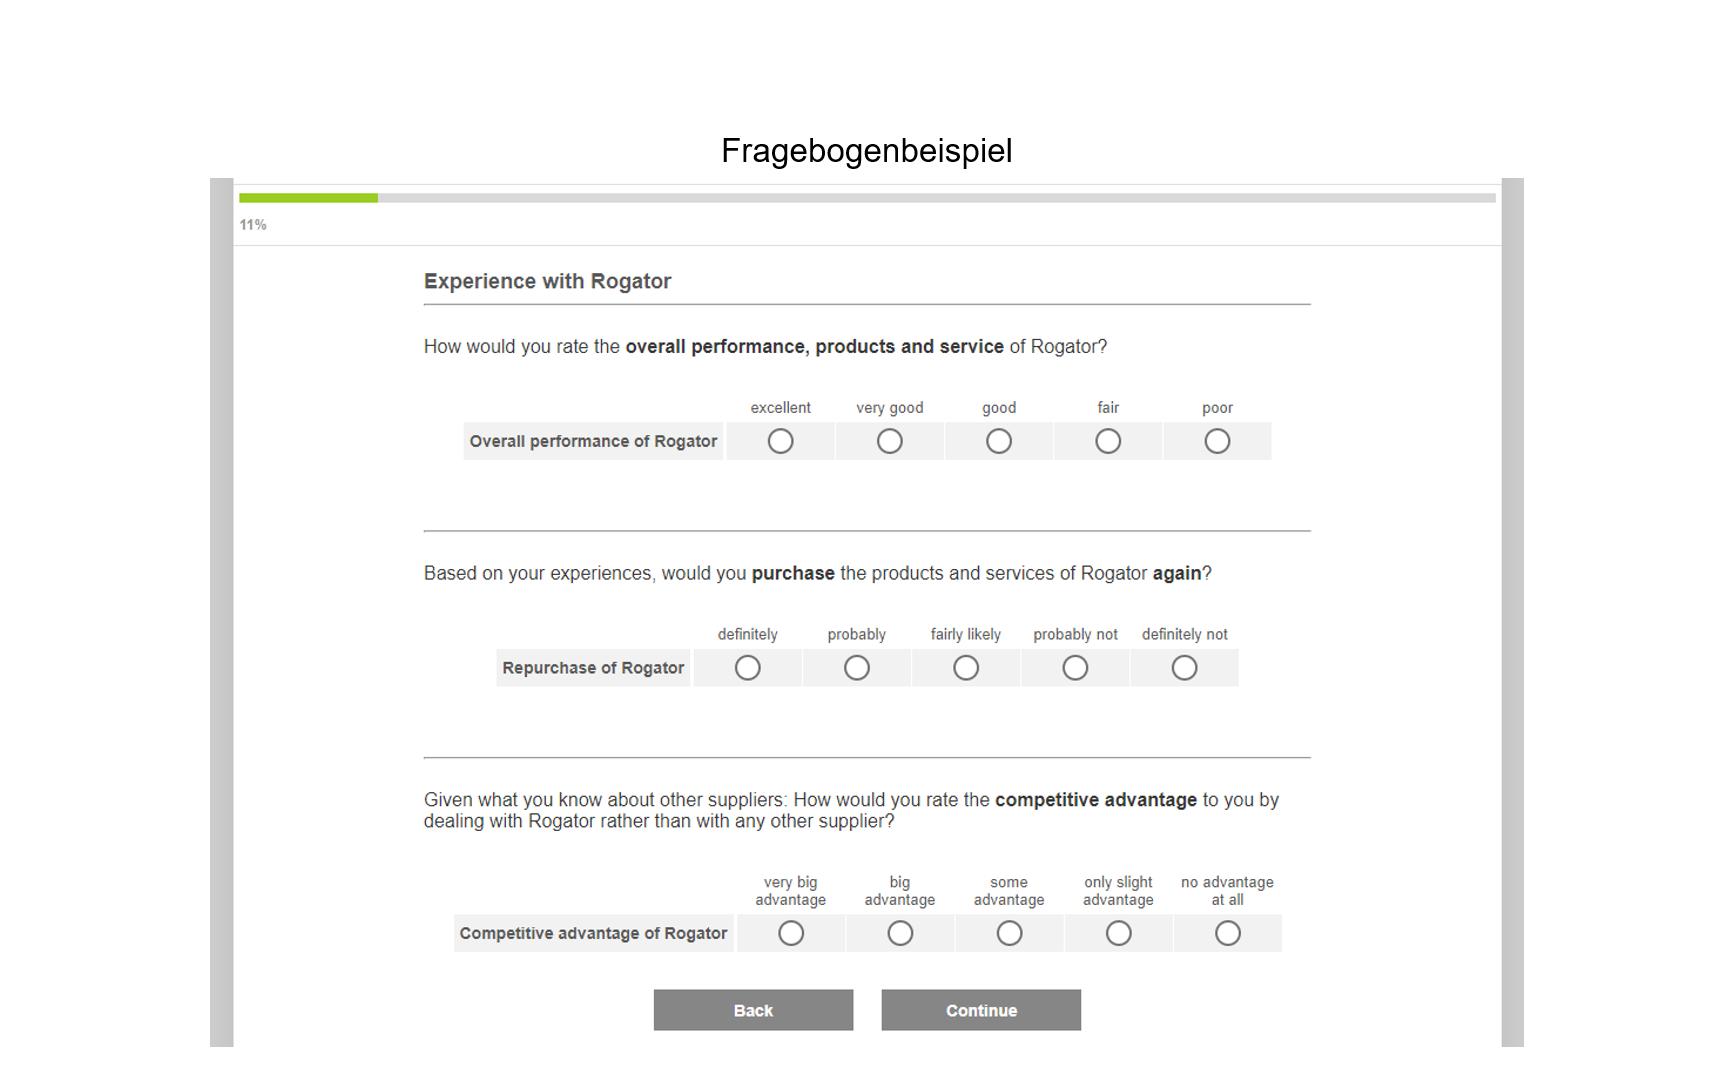 Fragebogenbeispiel Kundenzufriedenheit Erfahrung gesamt